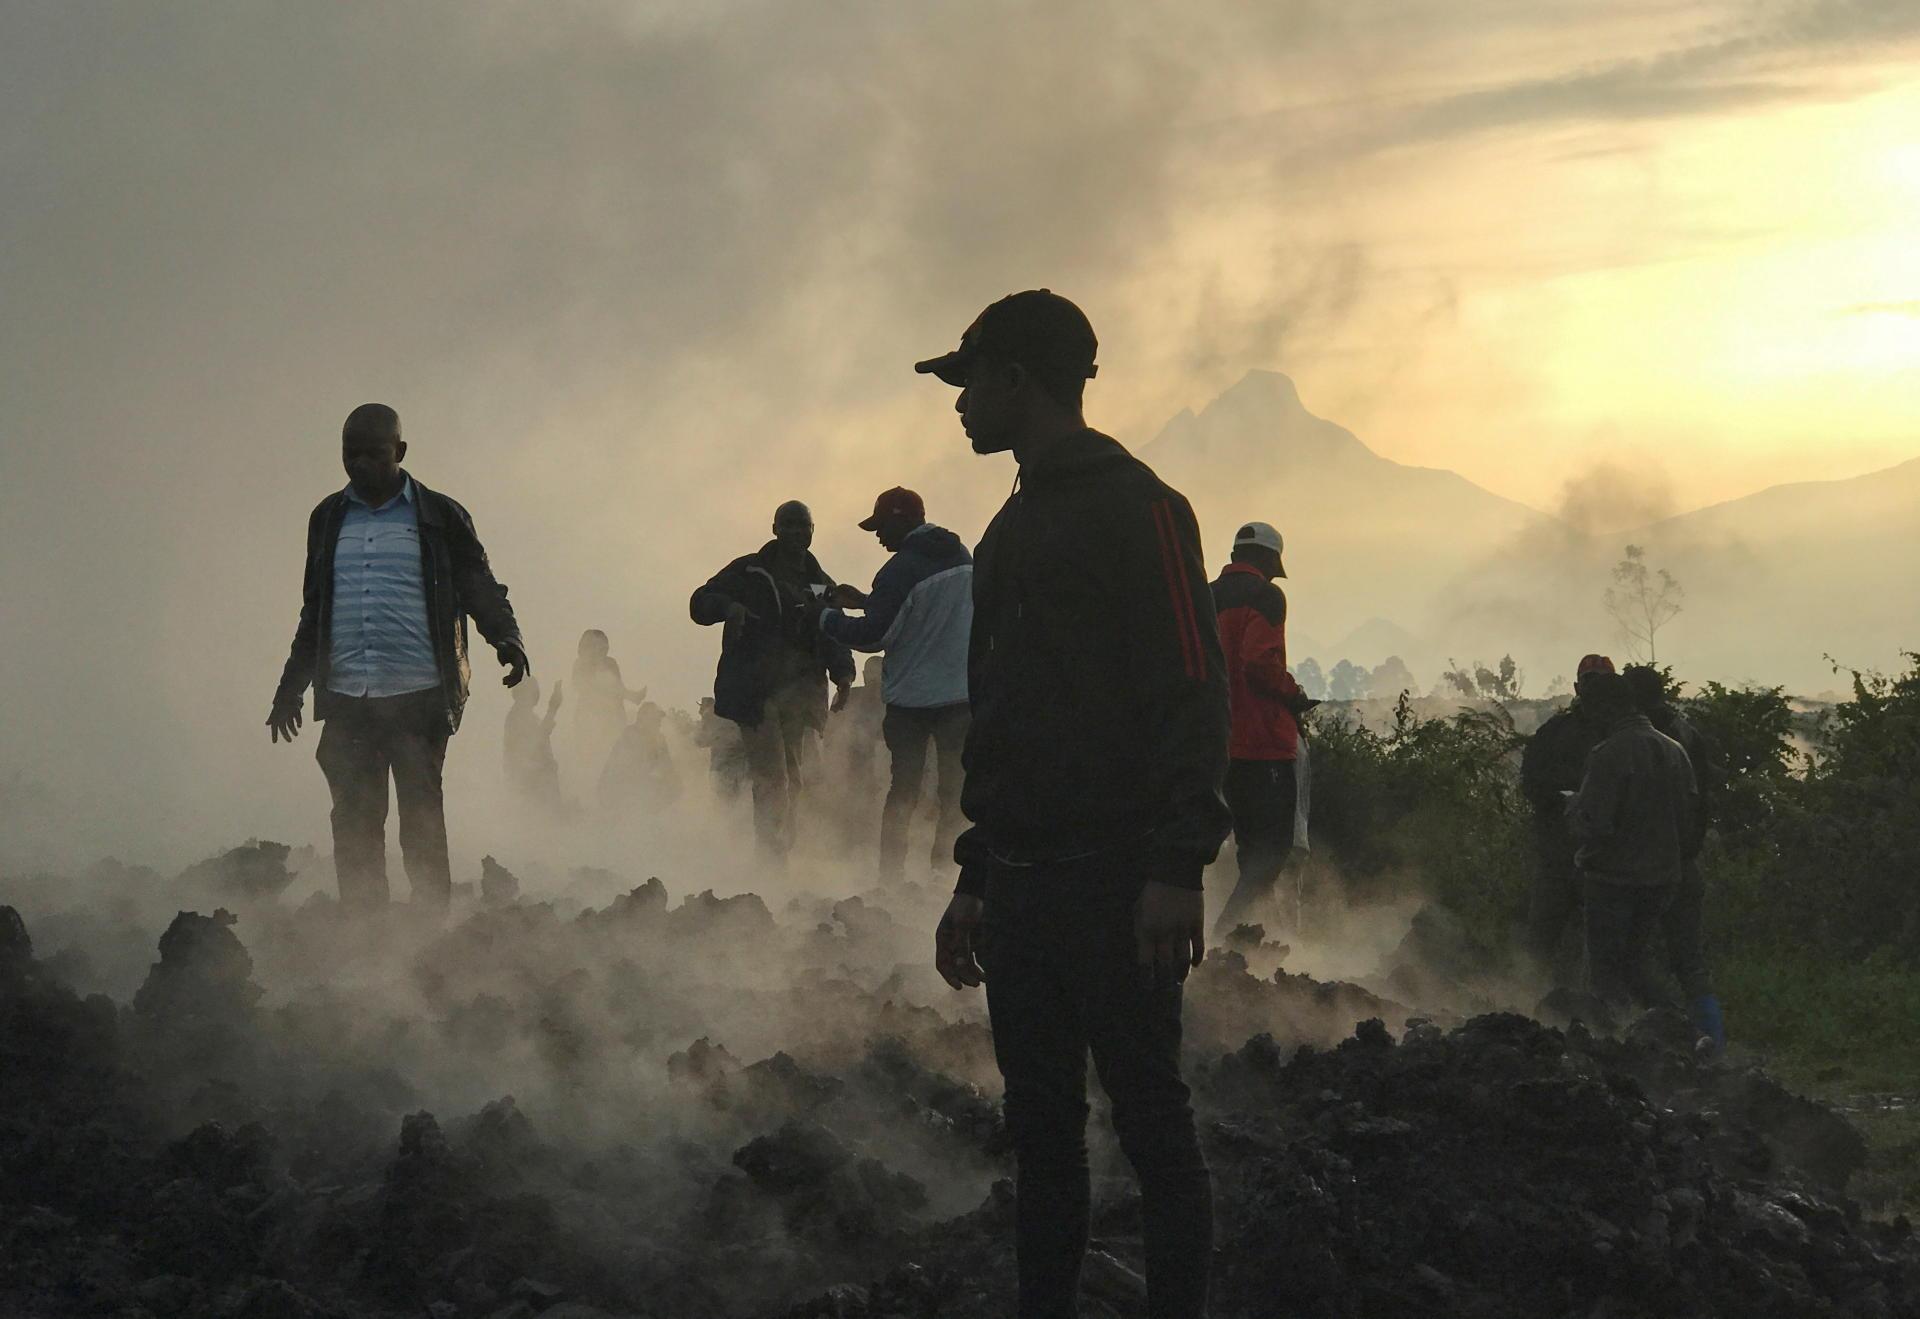 Des habitants marchent près de maisons détruites par la lave fumante déposée par l'éruption du volcan du Mont Nyiragongo près de Goma, en République démocratique du Congo, le 23 mai 2021.